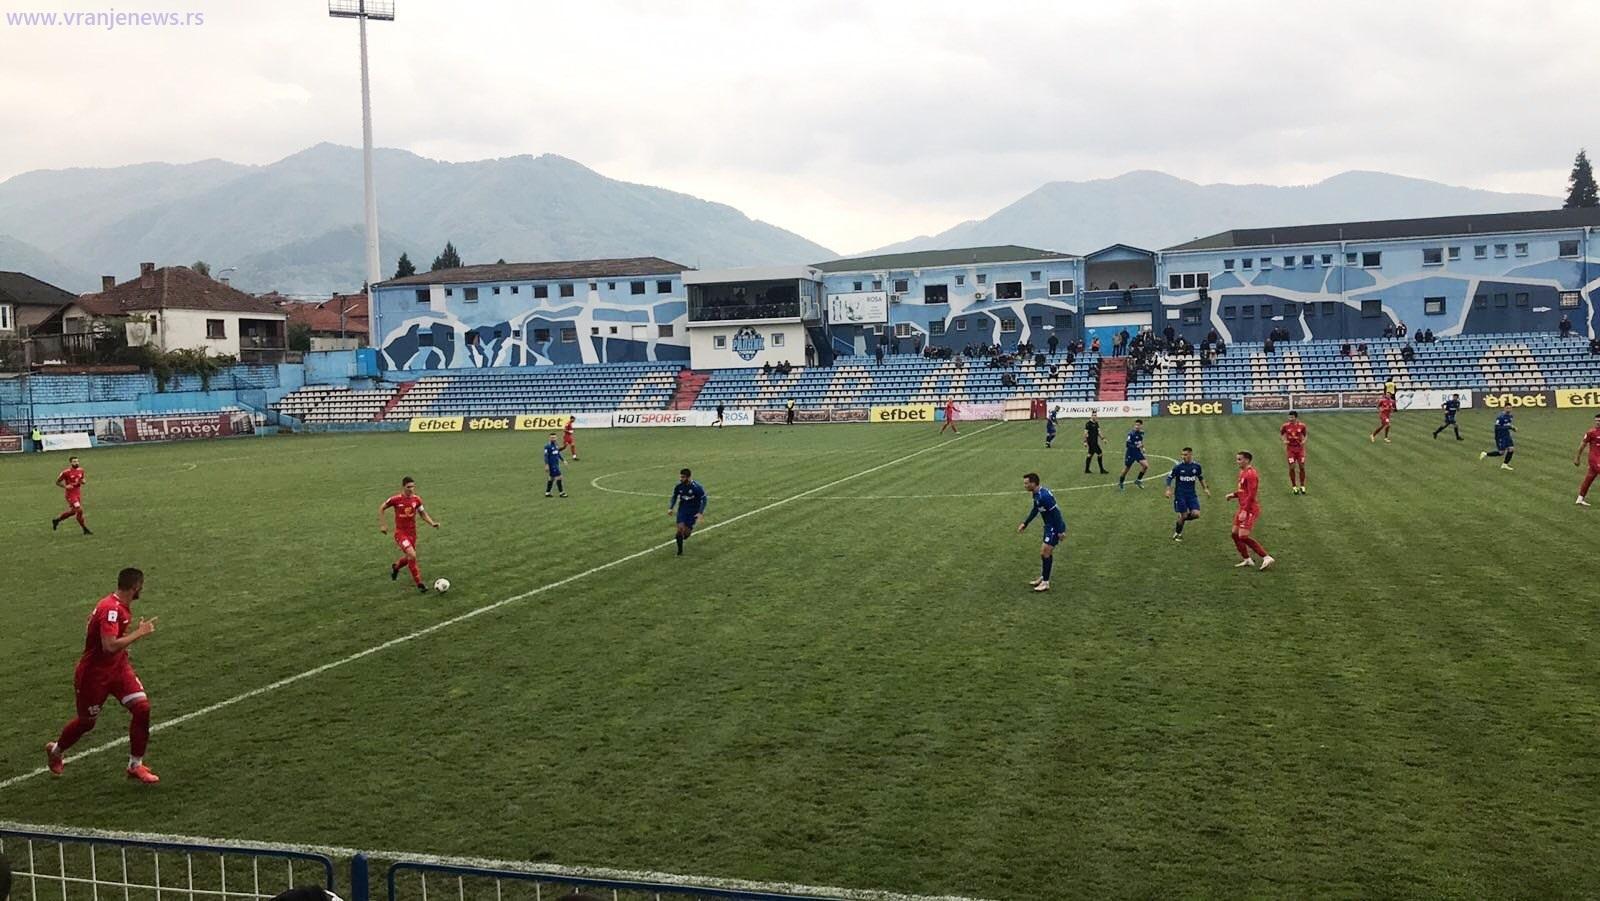 Detalj sa današnje utakmice u Surdulici. Foto Vranje News